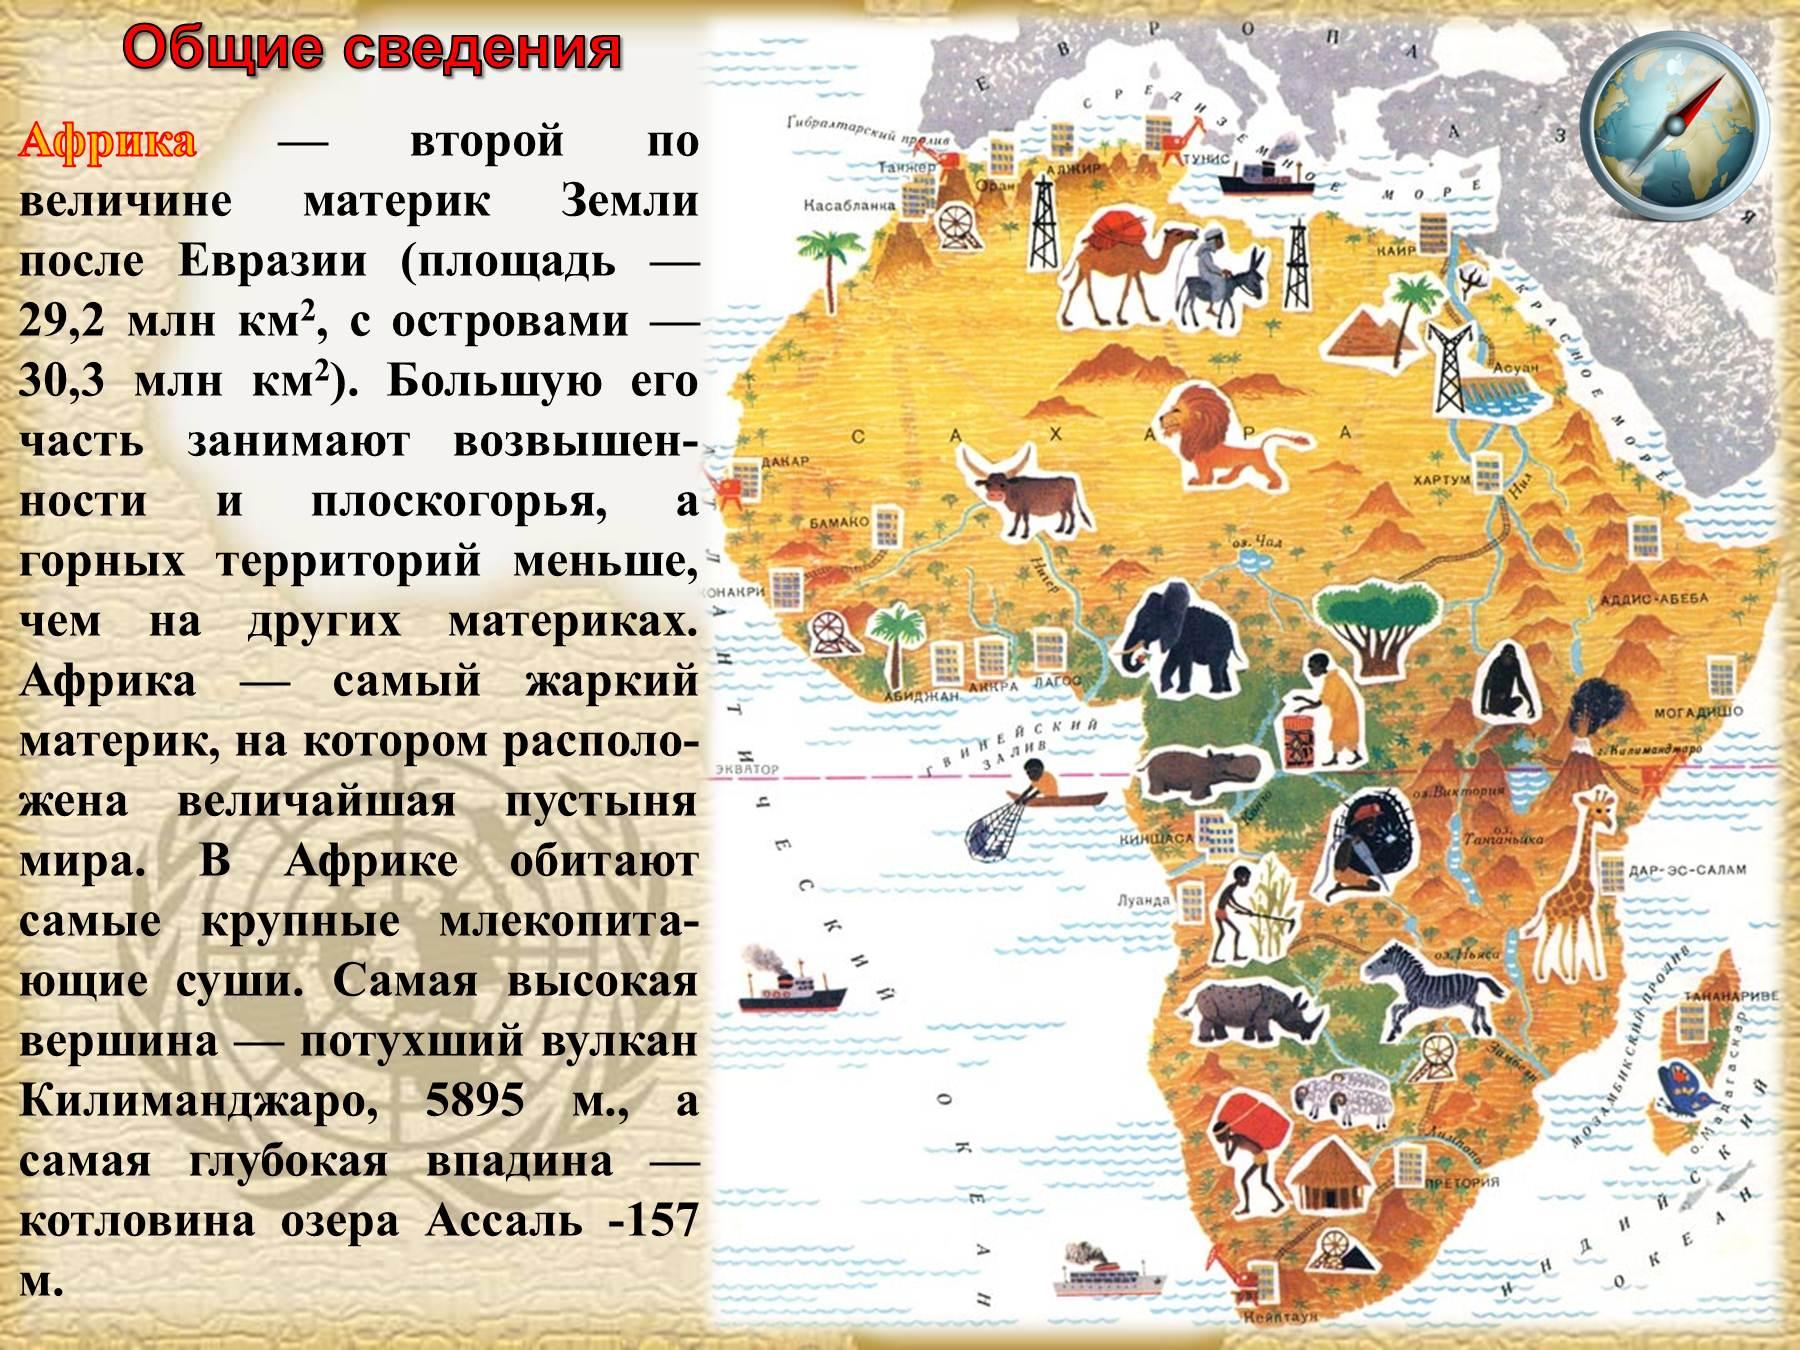 картинки и сочинение африки учреждение управление пенсионного